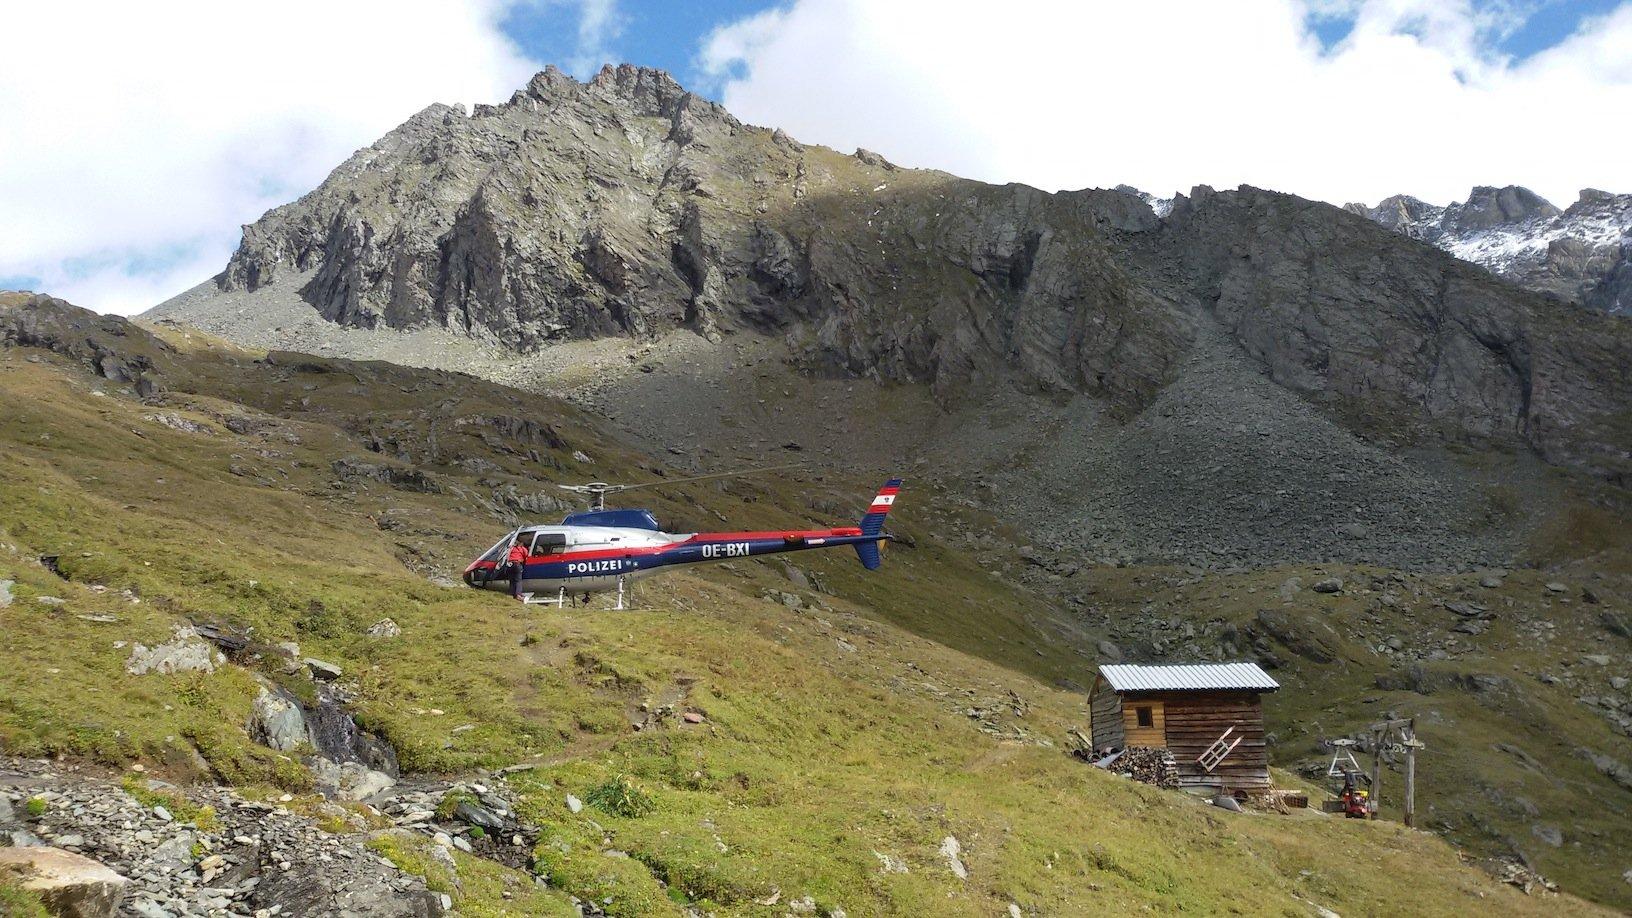 Erfahrungsbericht - Flugrettung in Osttirol: Die Libelle der Alpinpolizei Flugeinsatzstelle Klagenfurt auf dem Hubschrauberlandeplatz vor der Eisseehütte (© airFreshing.com)